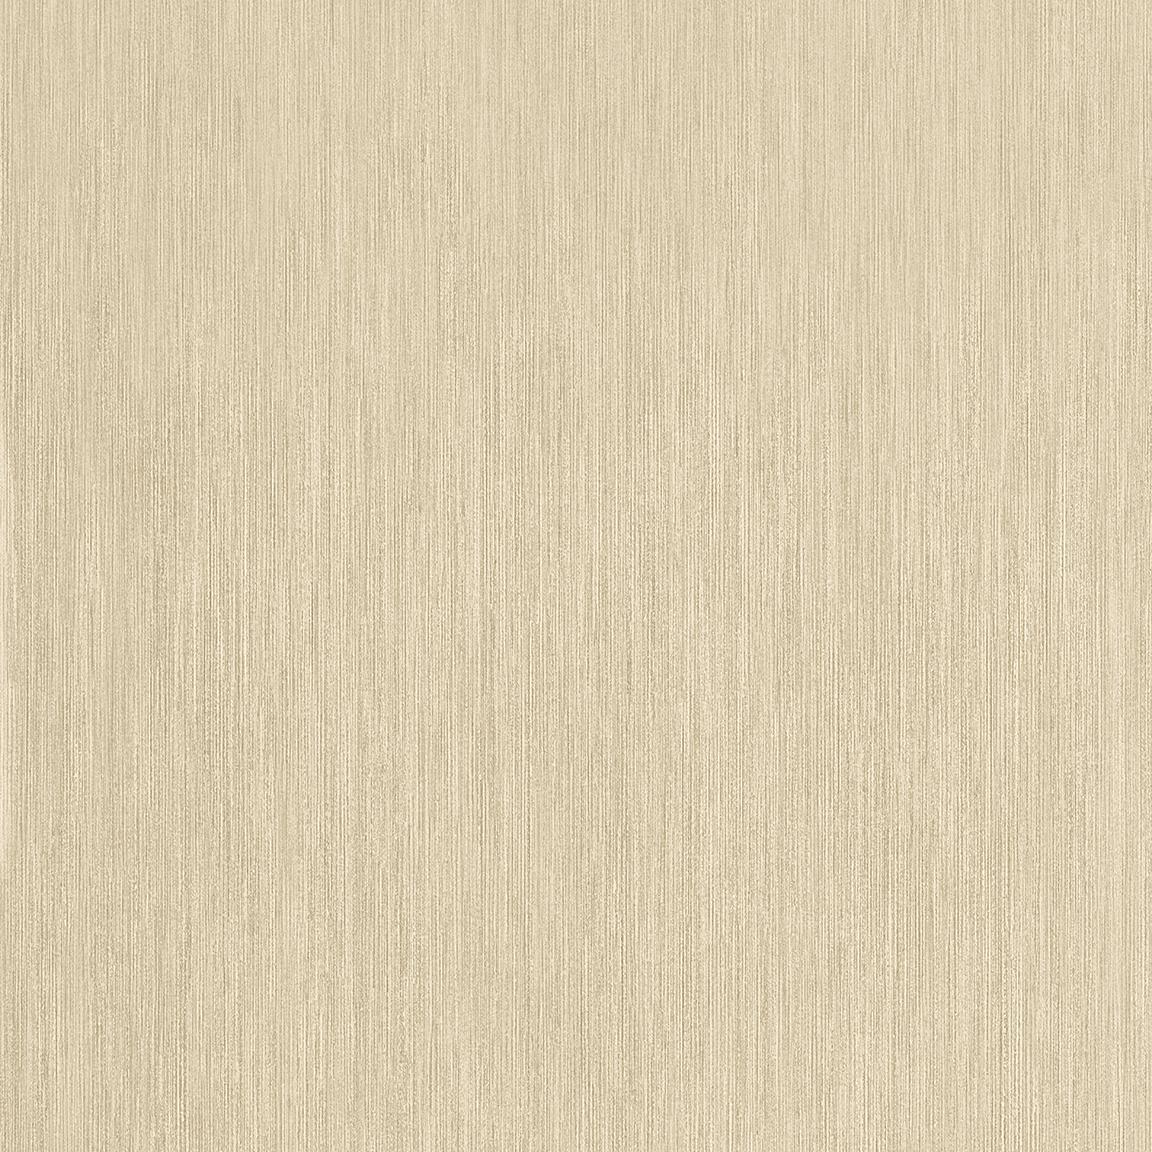 Cottontail tile